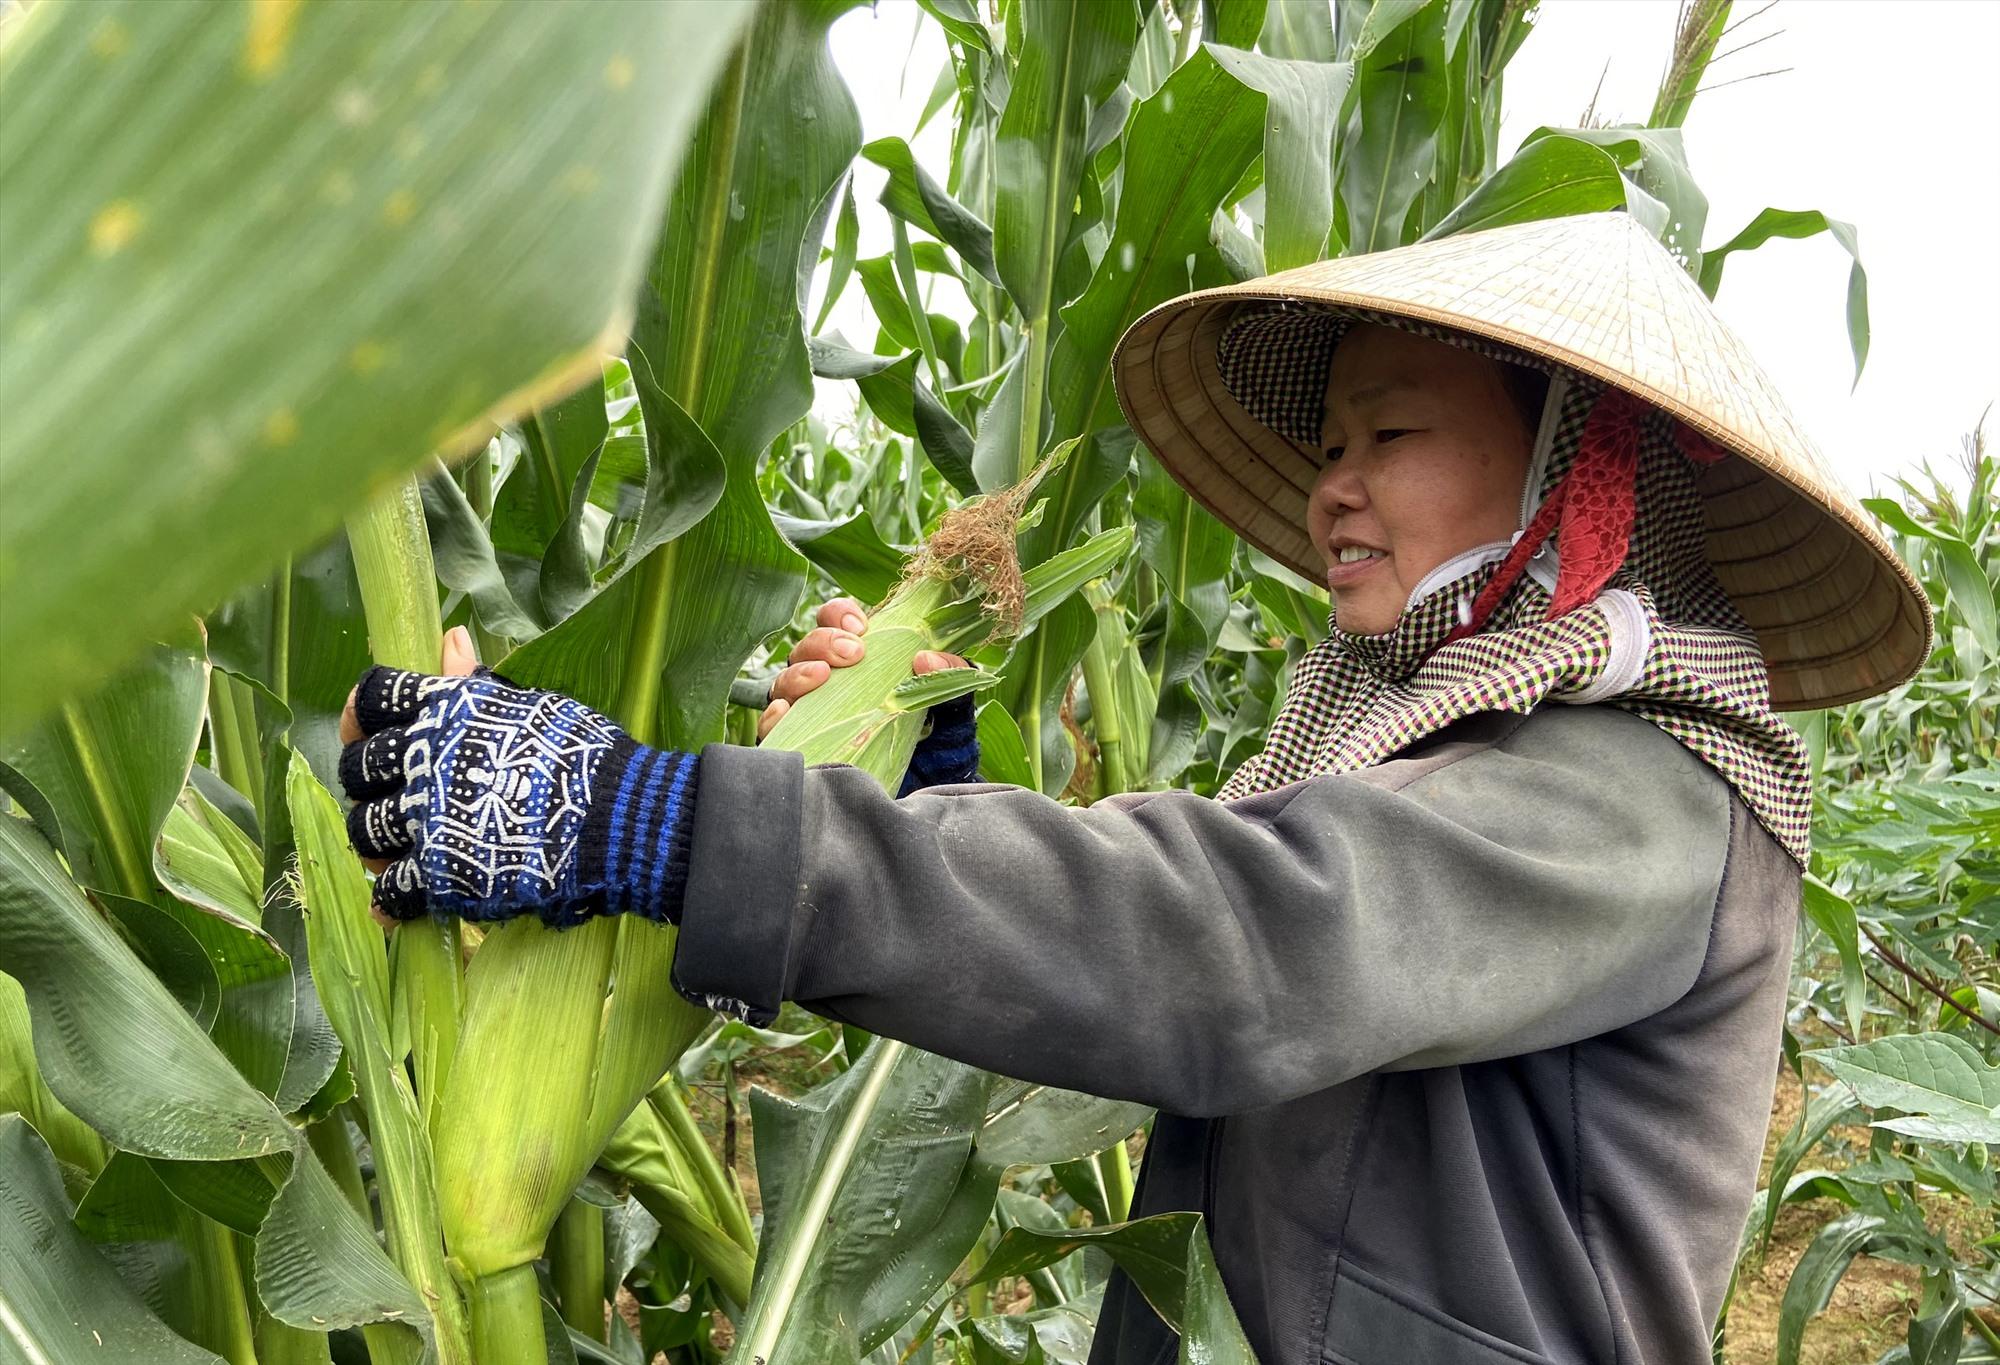 Bà Ngô Thị Quy phấn khởi hái bắp bán cho thương lái. Ảnh: MỸ LIÊN